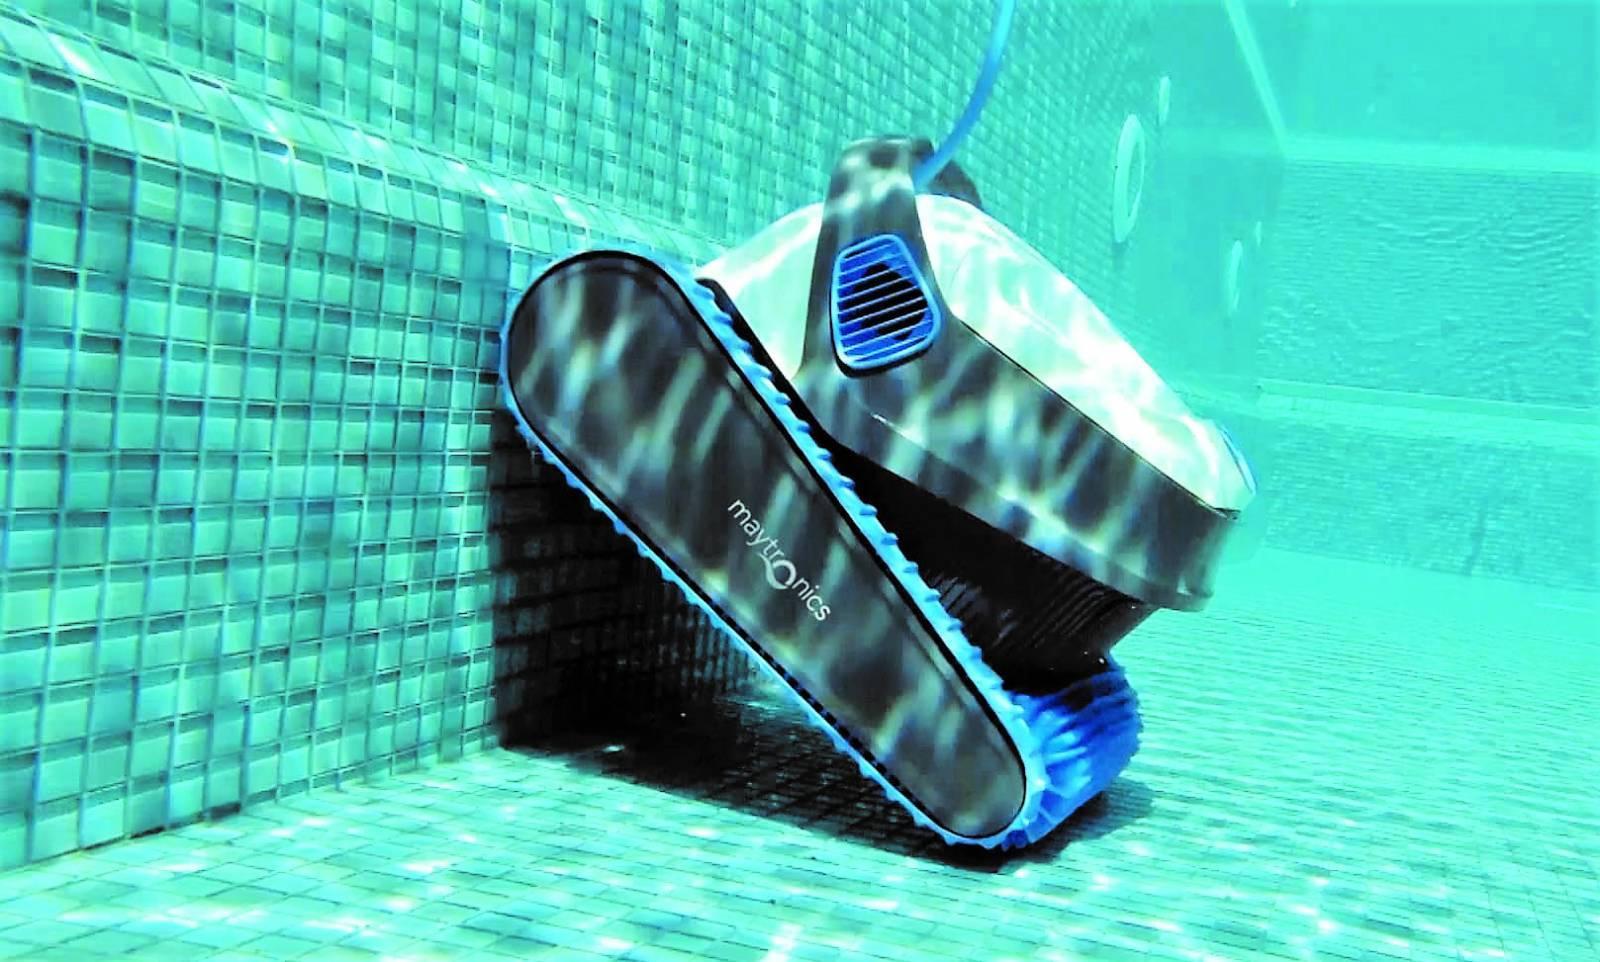 Robot Piscine : Comparatif Des Meilleurs Robots Piscine destiné Comparatif Pompe A Chaleur Piscine